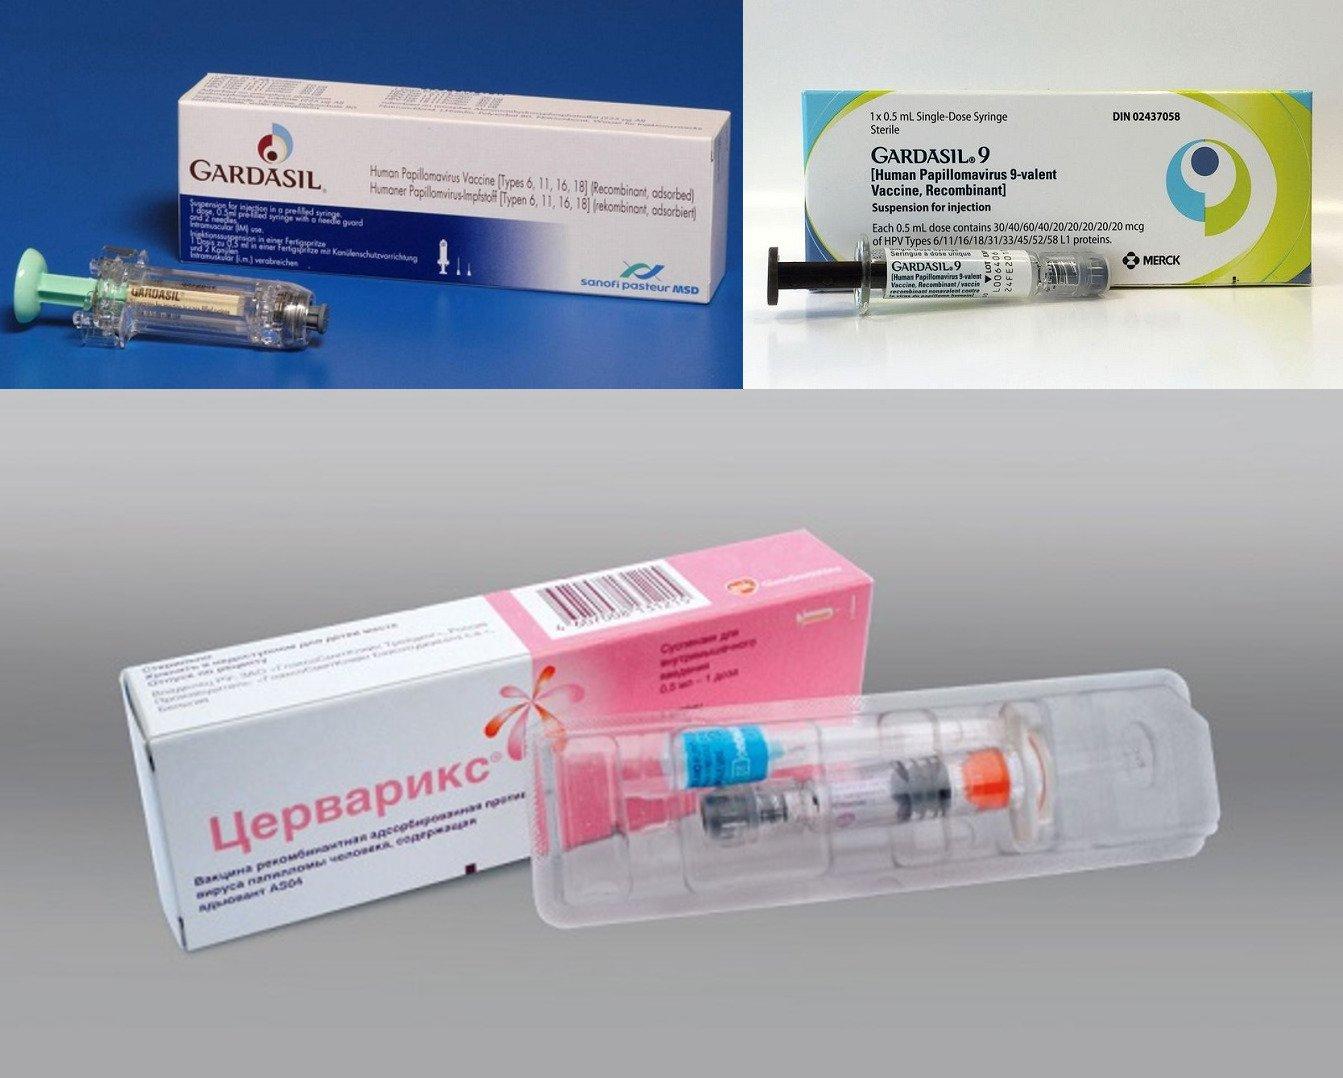 Прививка от впч: в каком возрасте делать, виды вакцин